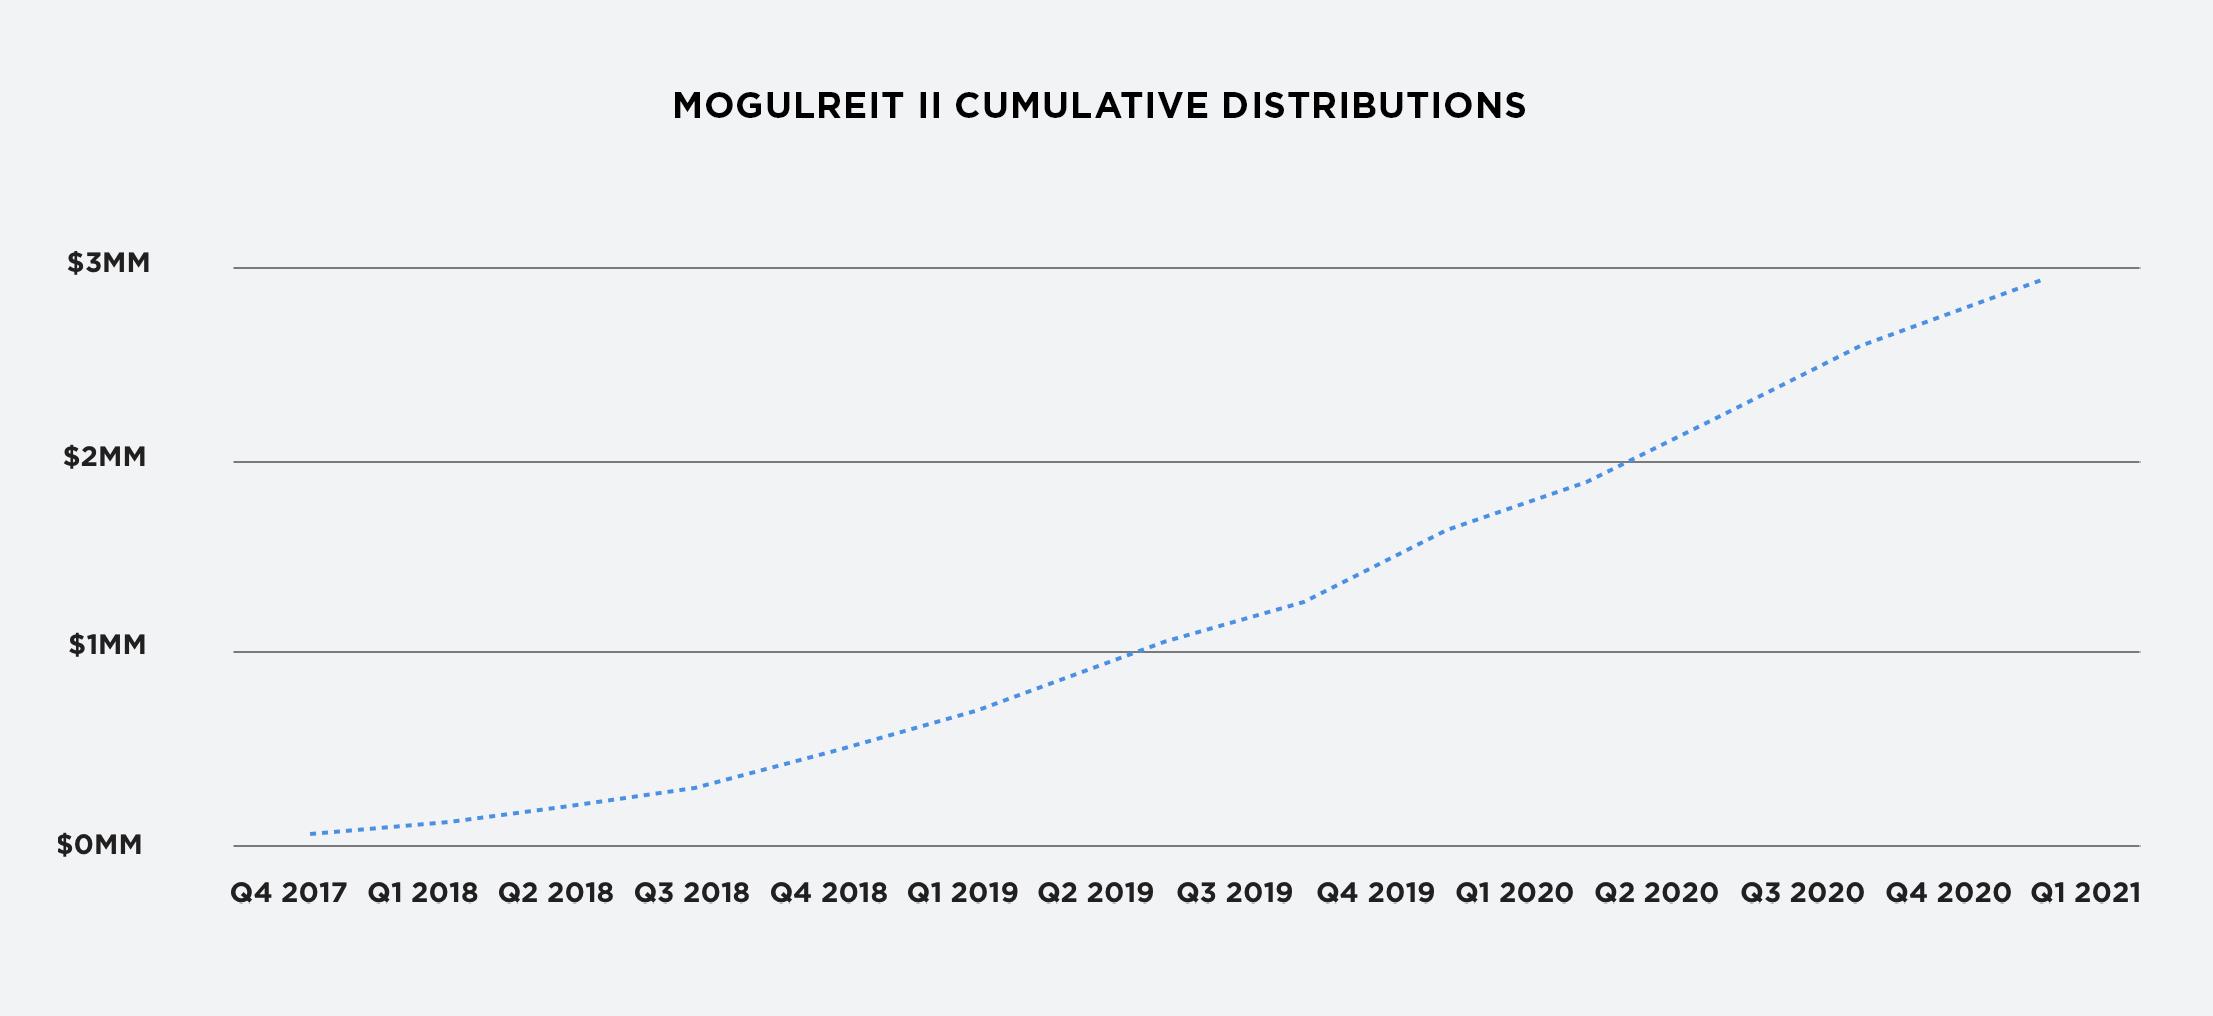 RealtyMogul MogulREIT II Cumulative Distributions Chart